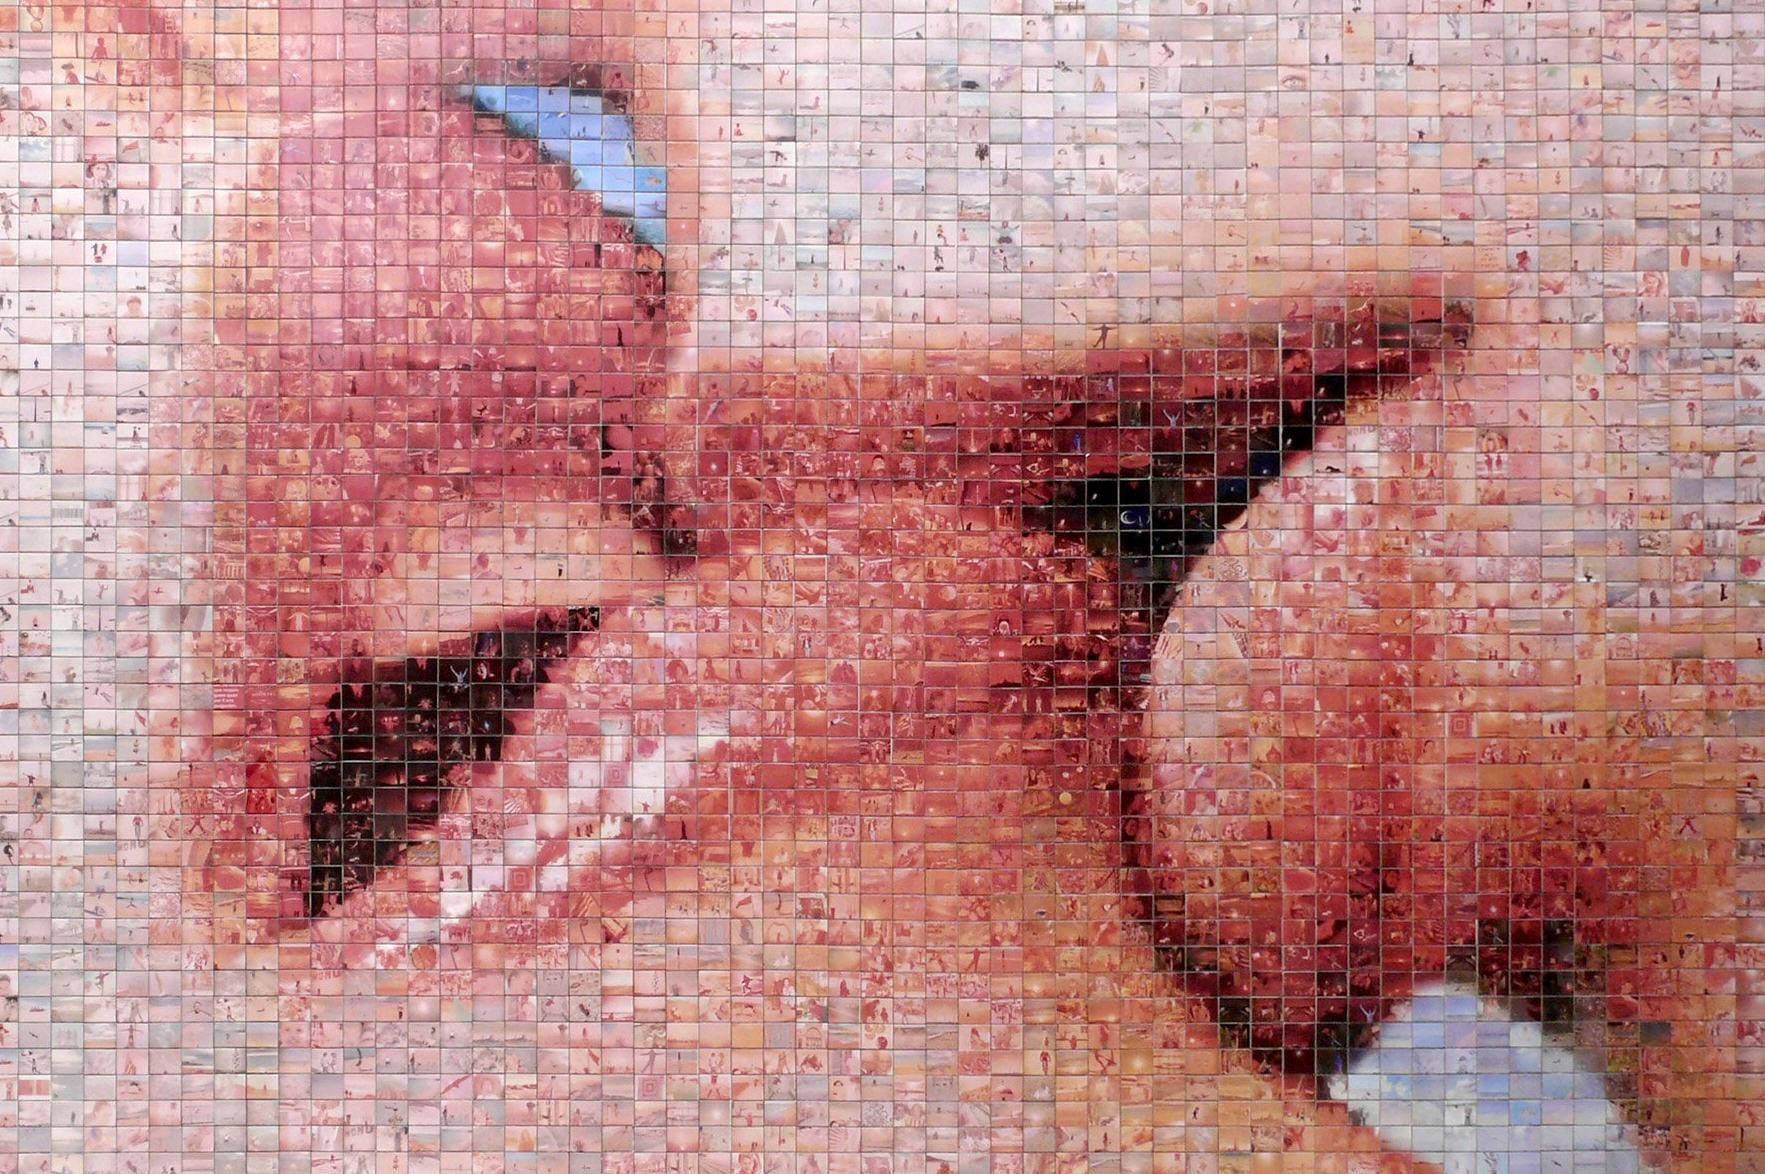 El mundo nace en cada beso